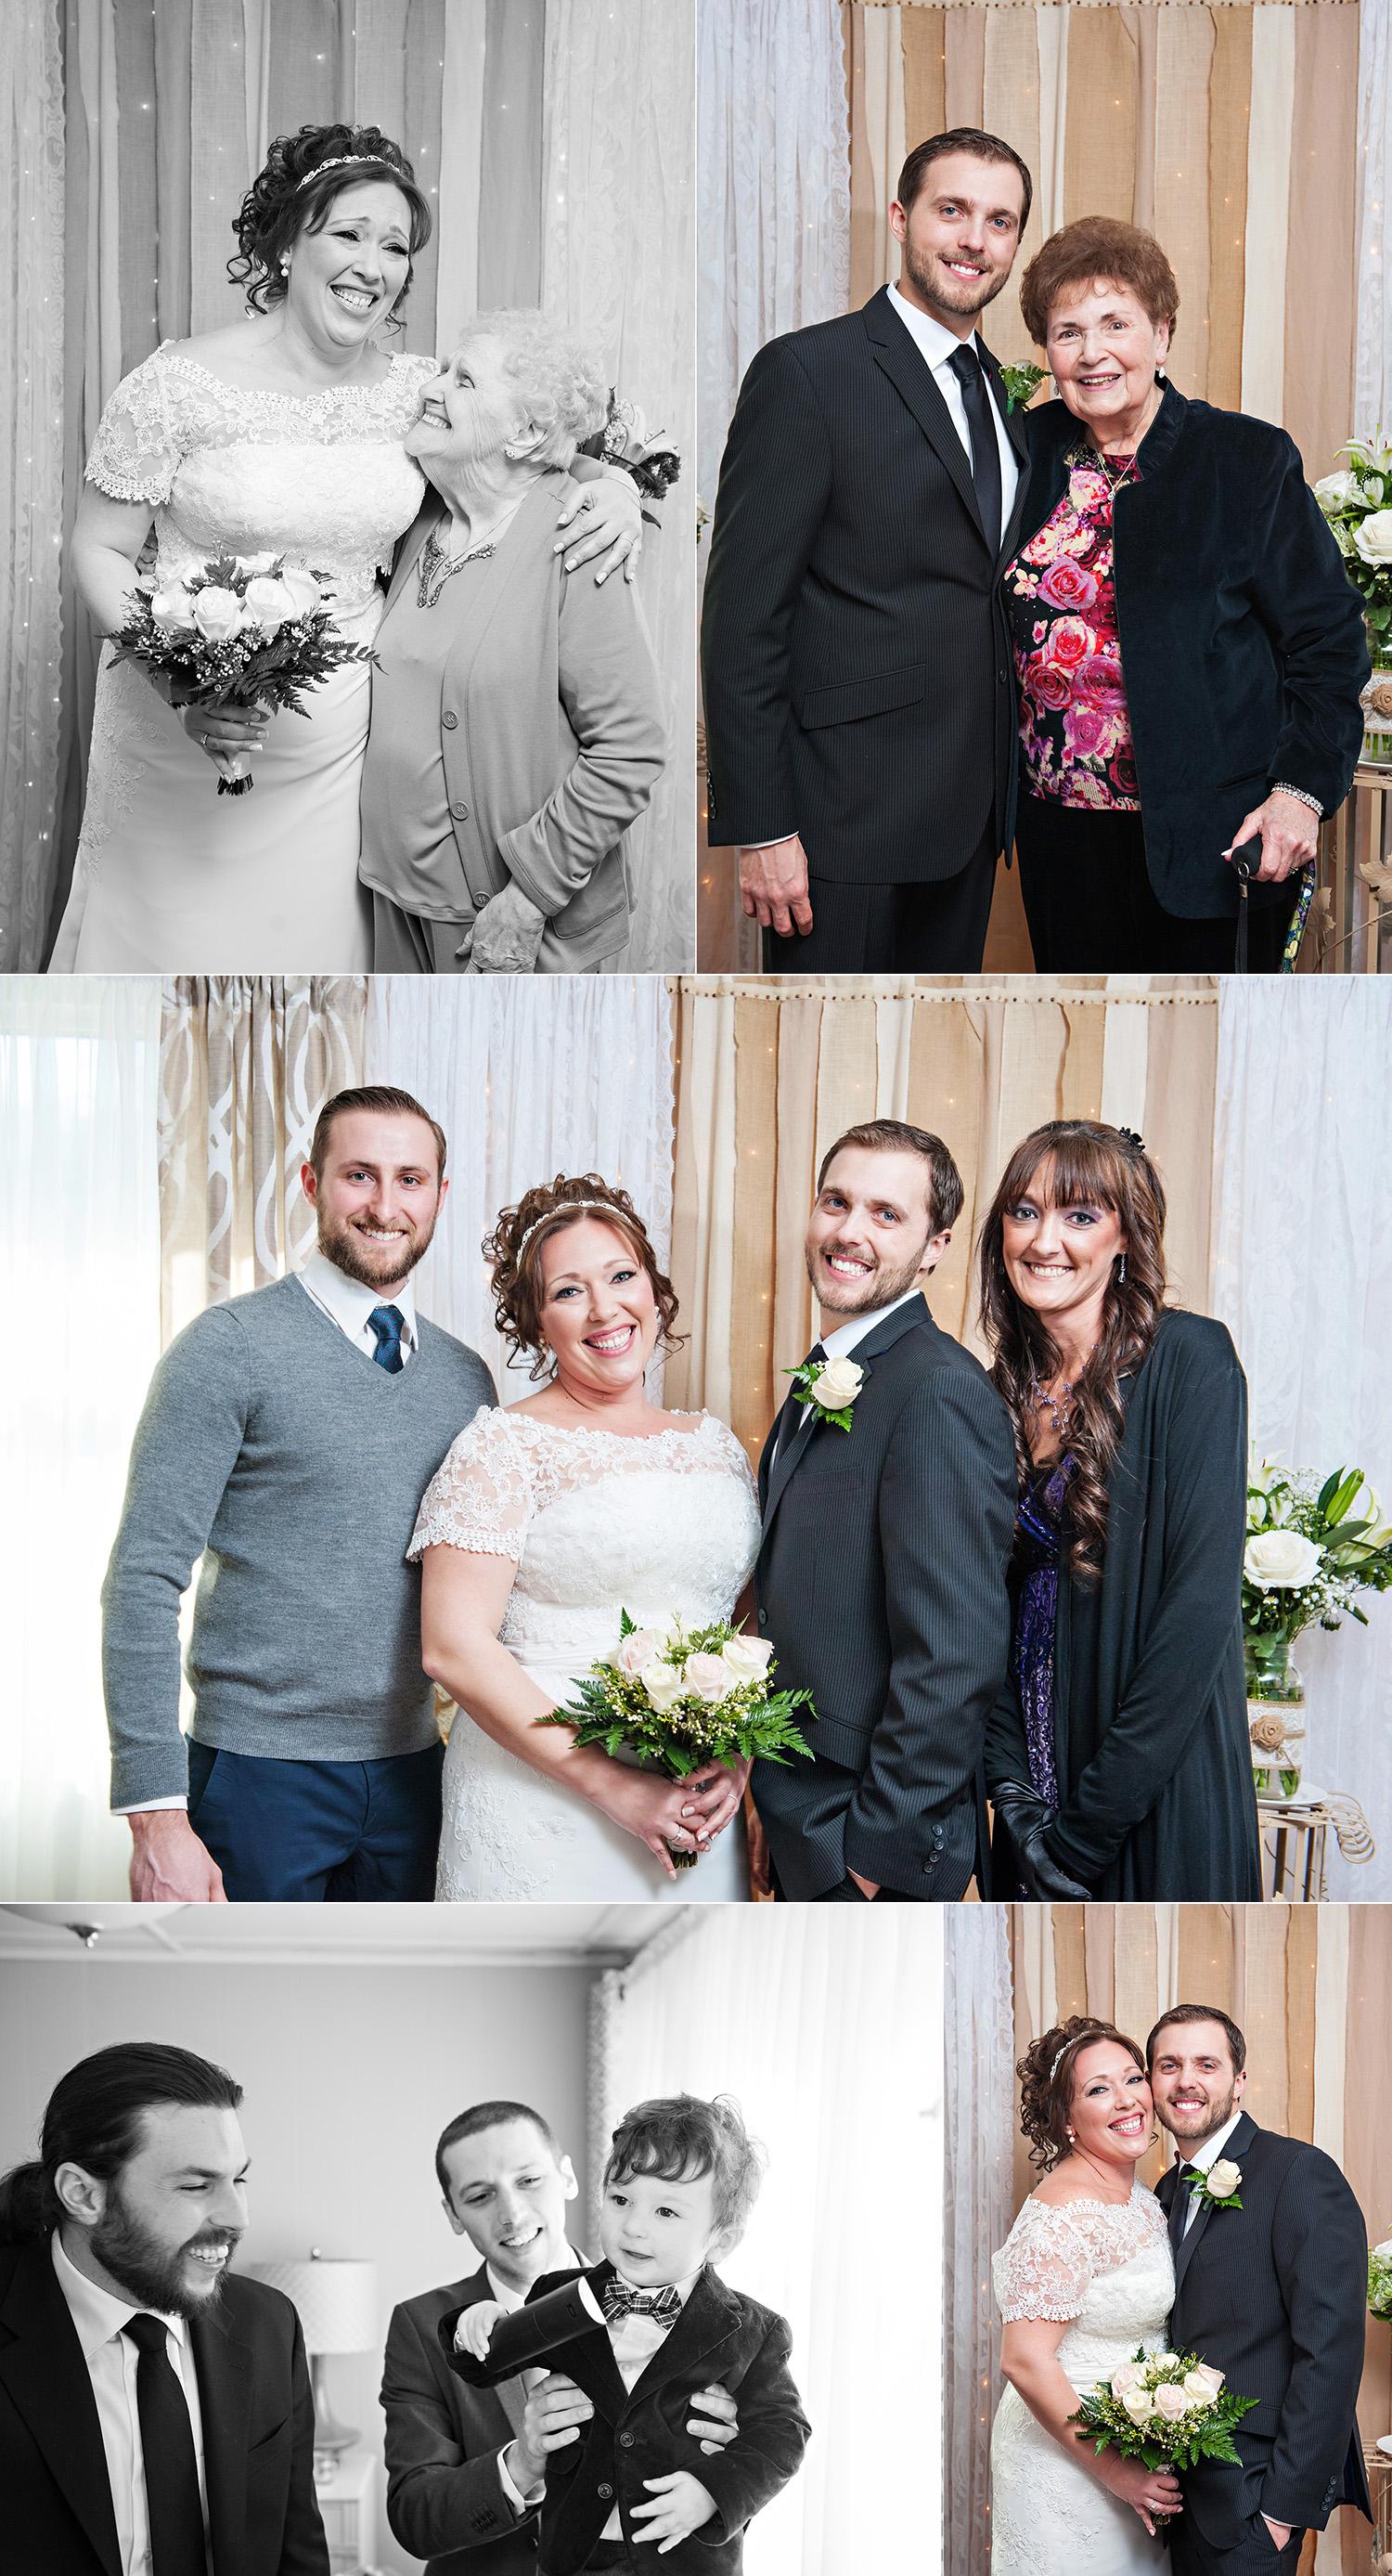 08_SRS_Photography_Sara_Stadtmiller_Asbury_Park_Wedding_Photography_NJ_Wedding_Photographer_Monmouth_County_Wedding_Photographer_Home_Wedding_DIY_Wedding